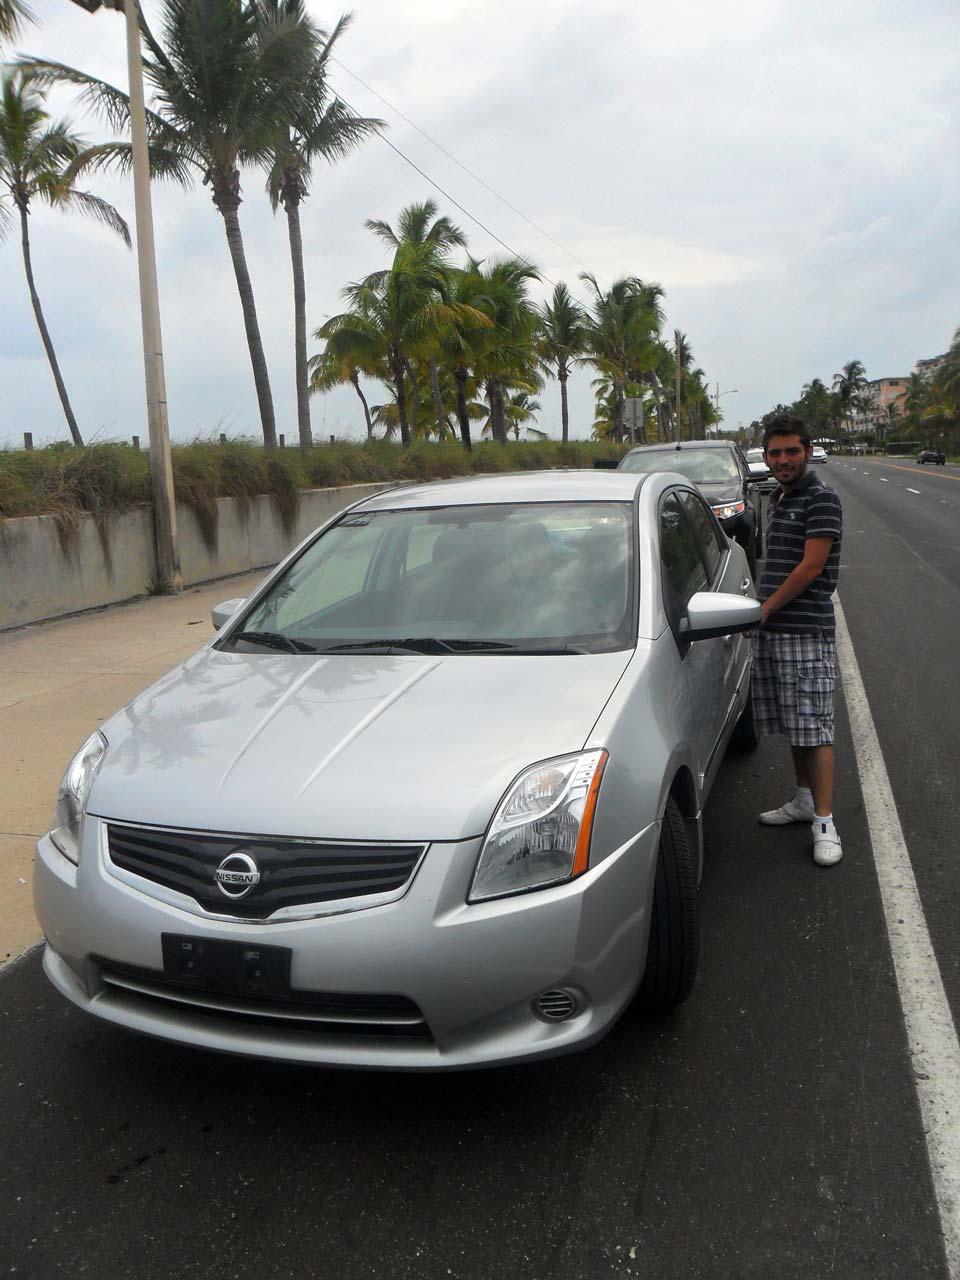 Bu da kiraladığımız 4. arabamız Nissan Sentra